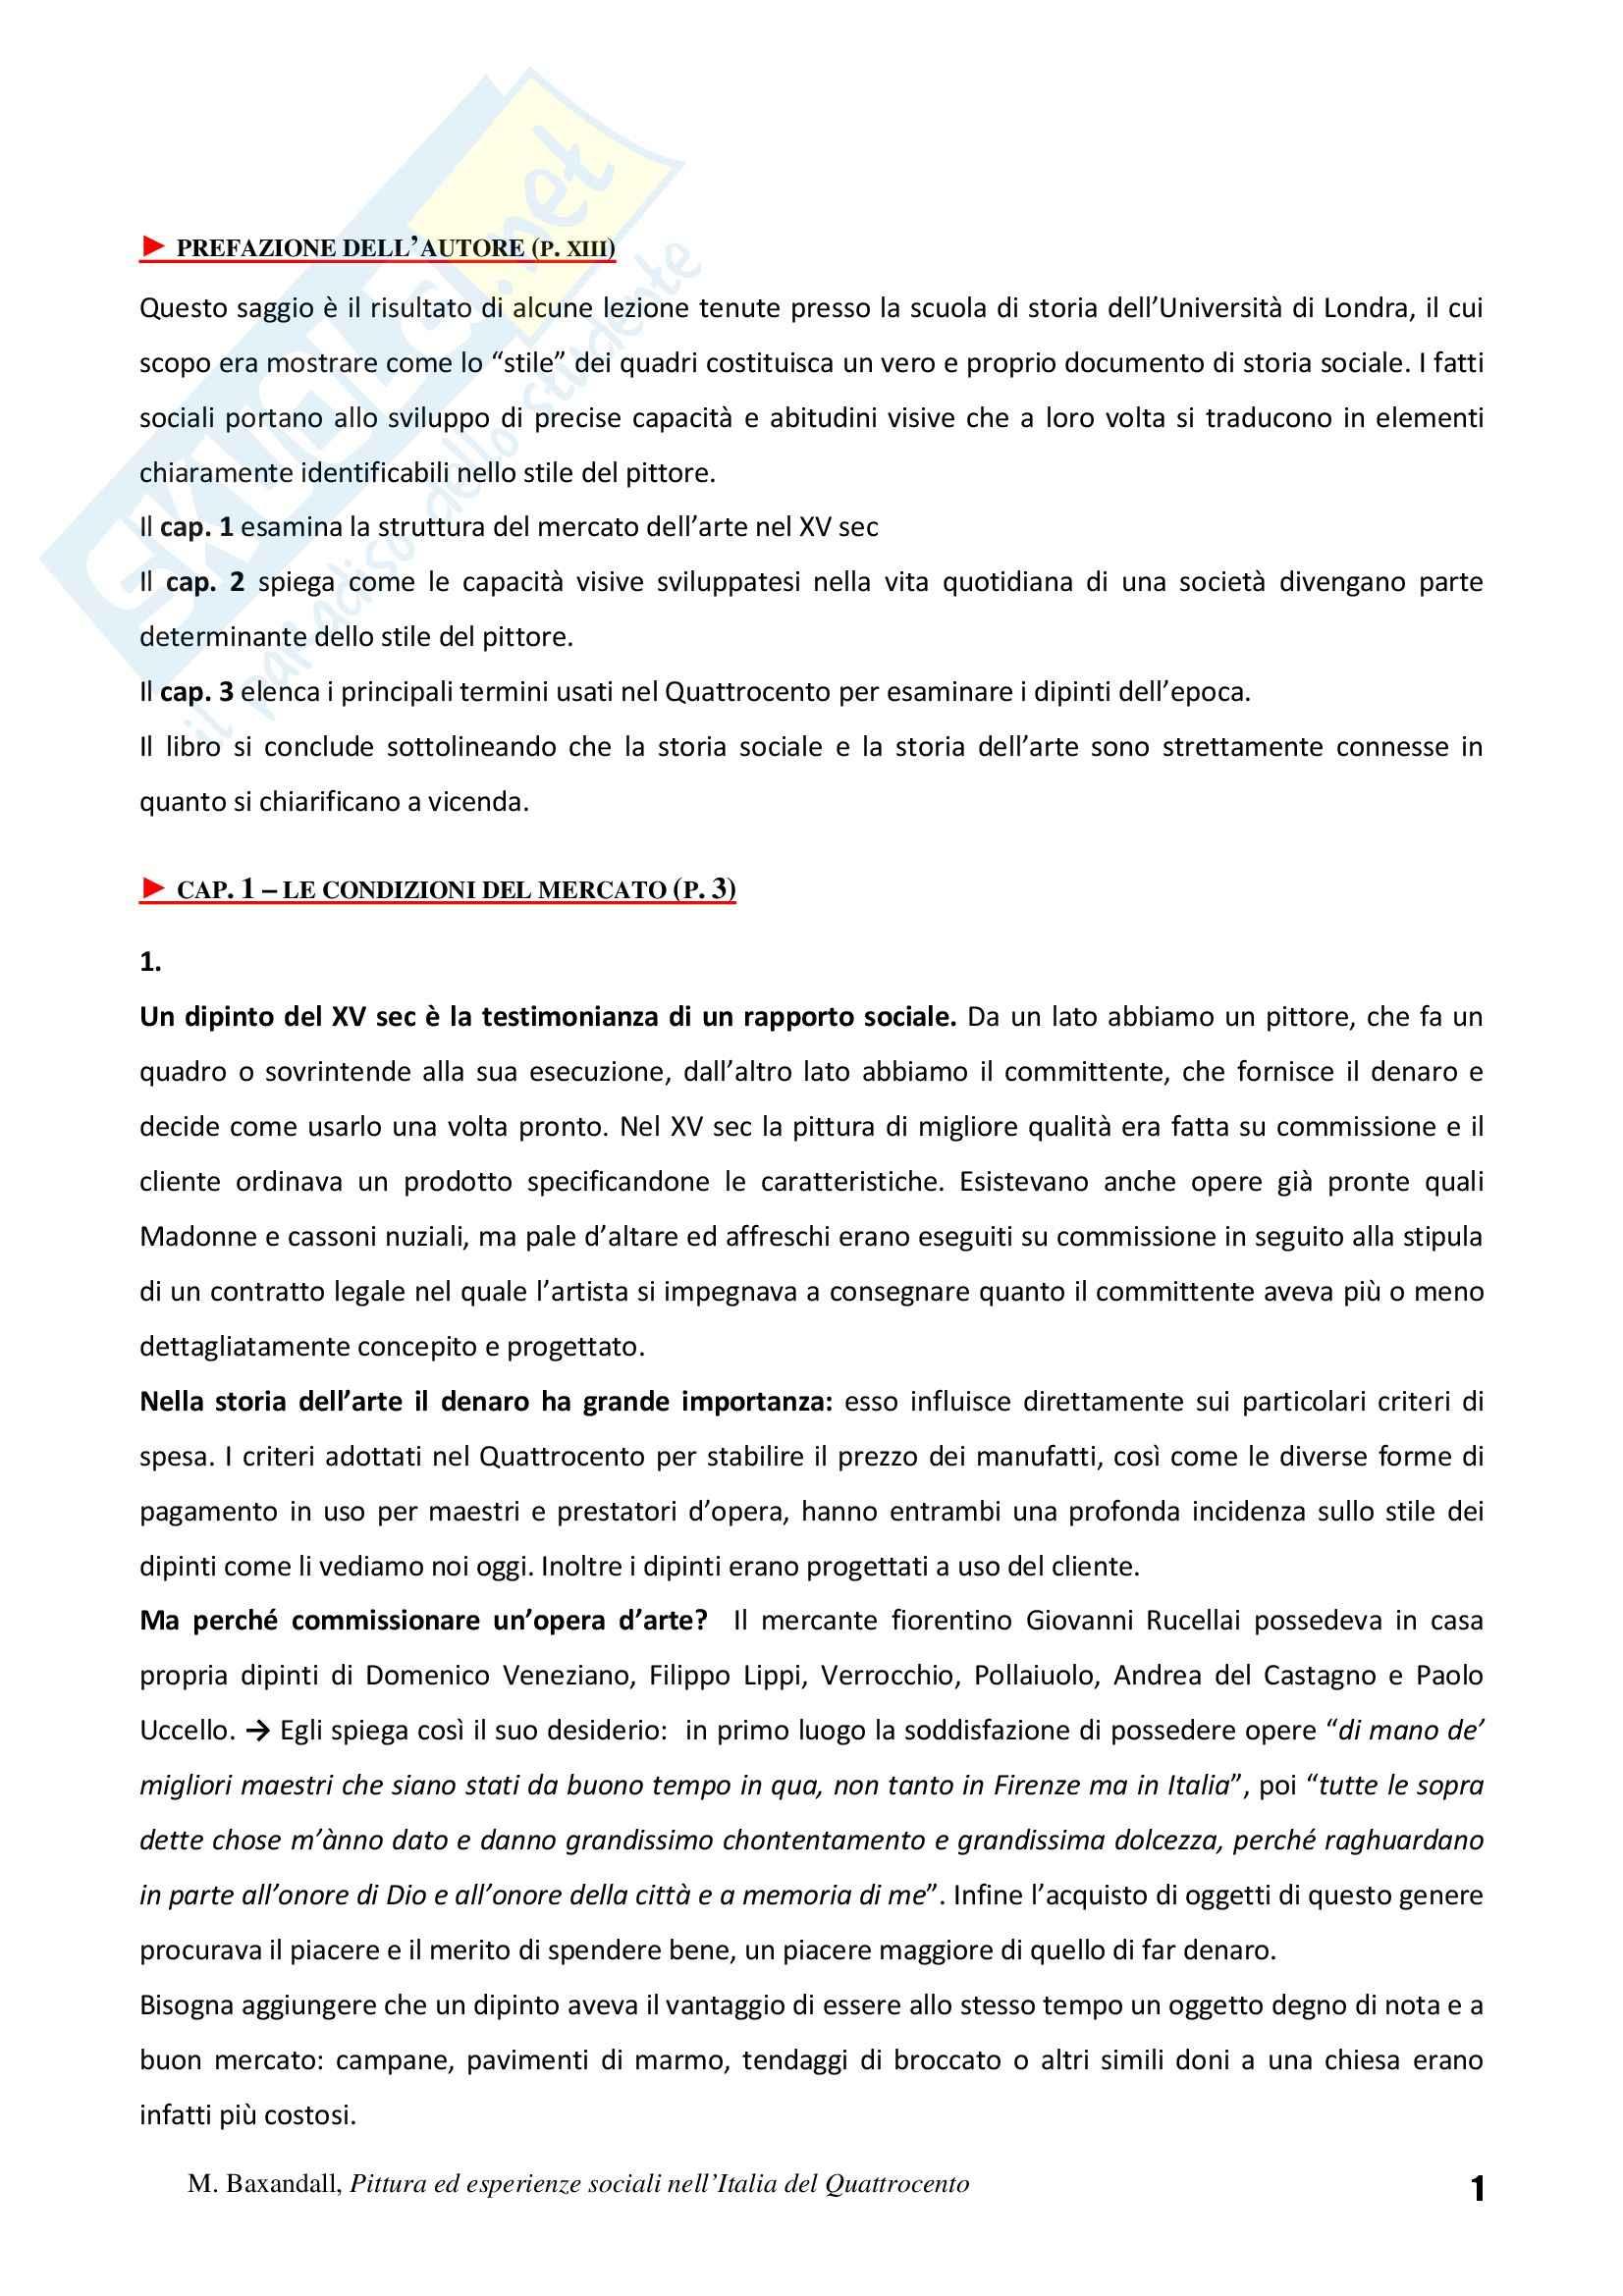 Riassunto esame Storia dell'Arte Fiamminga, prof. Brezzi, libro consigliato Pittura ed Esperienze Sociali nell'Italia del Quattrocento, Baxandall